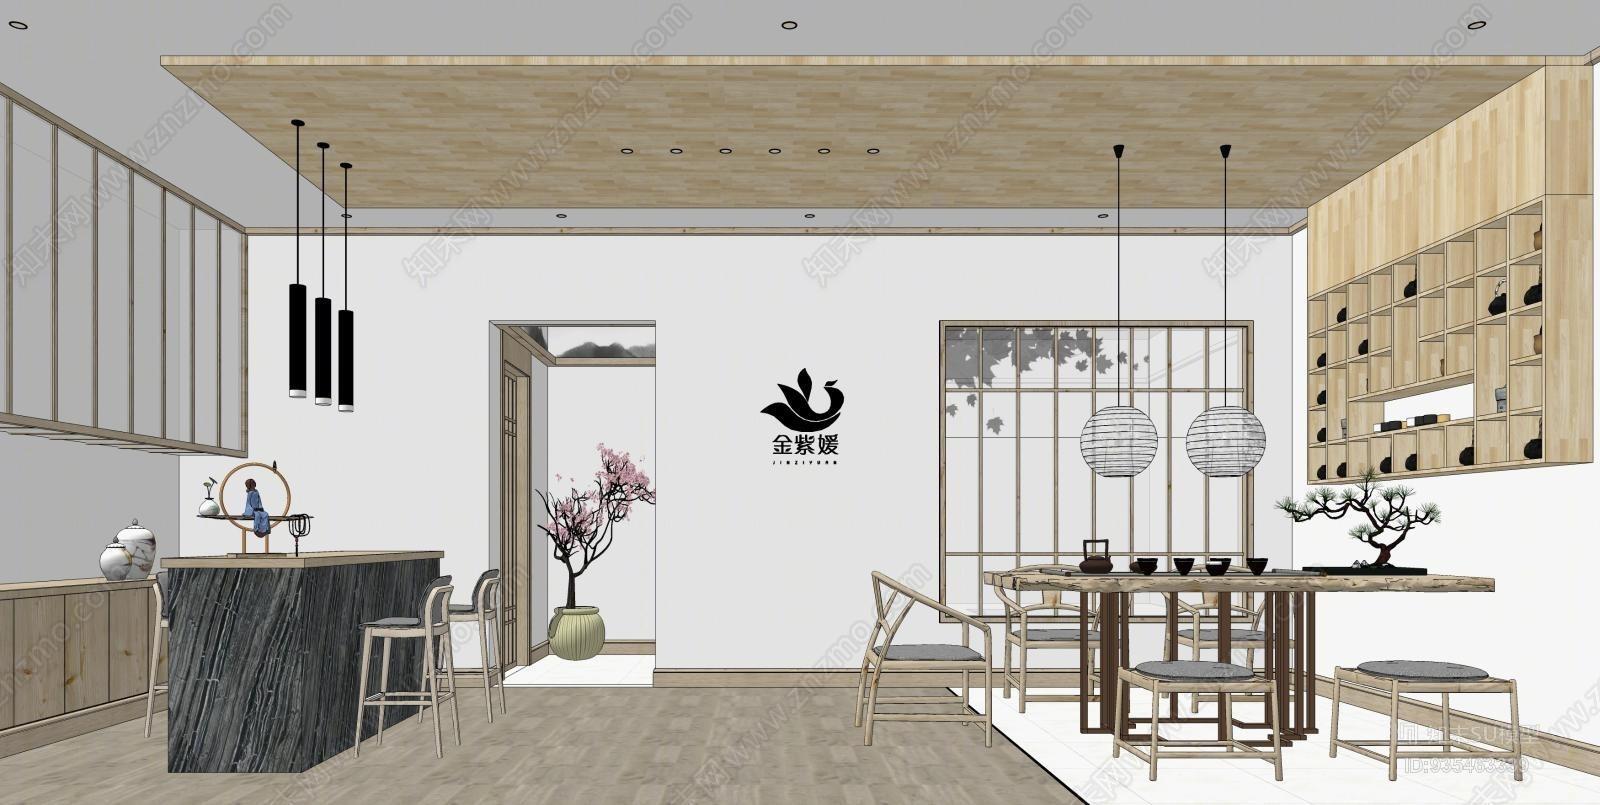 新中式茶室空间